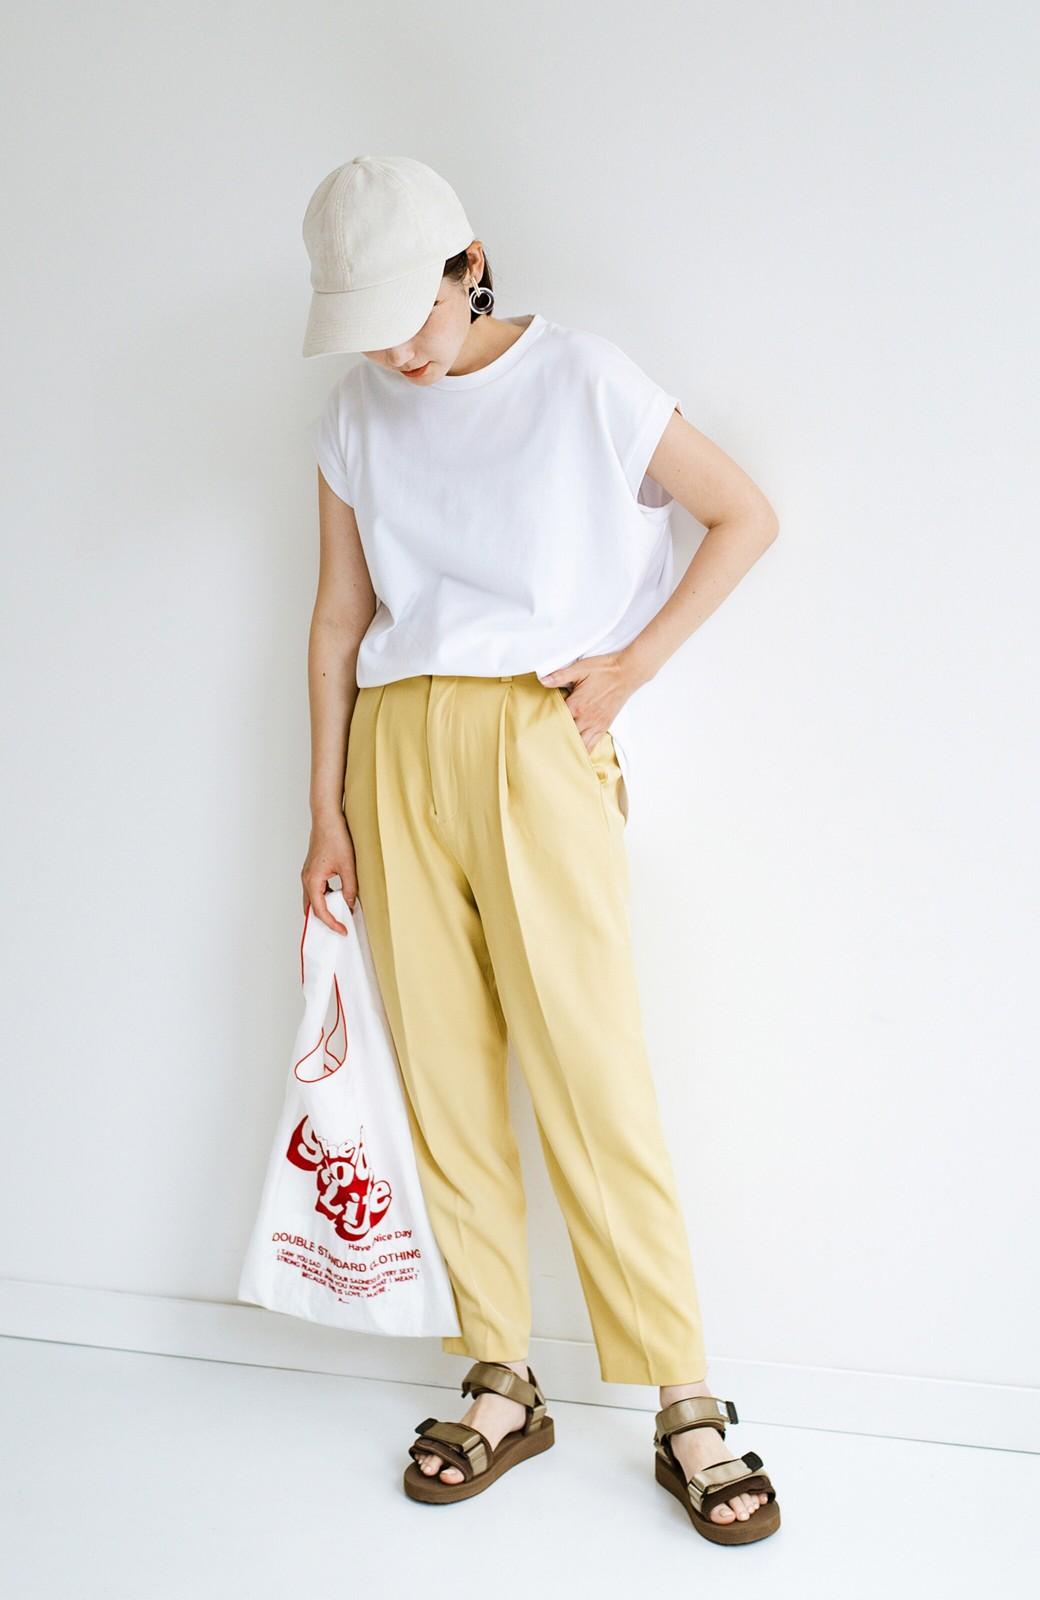 haco! 迷った朝はこれ着よう!元気が出るきれい色パンツにちょい袖大人Tシャツを合わせておいた作り置きコーデセット by que made me <その他>の商品写真8